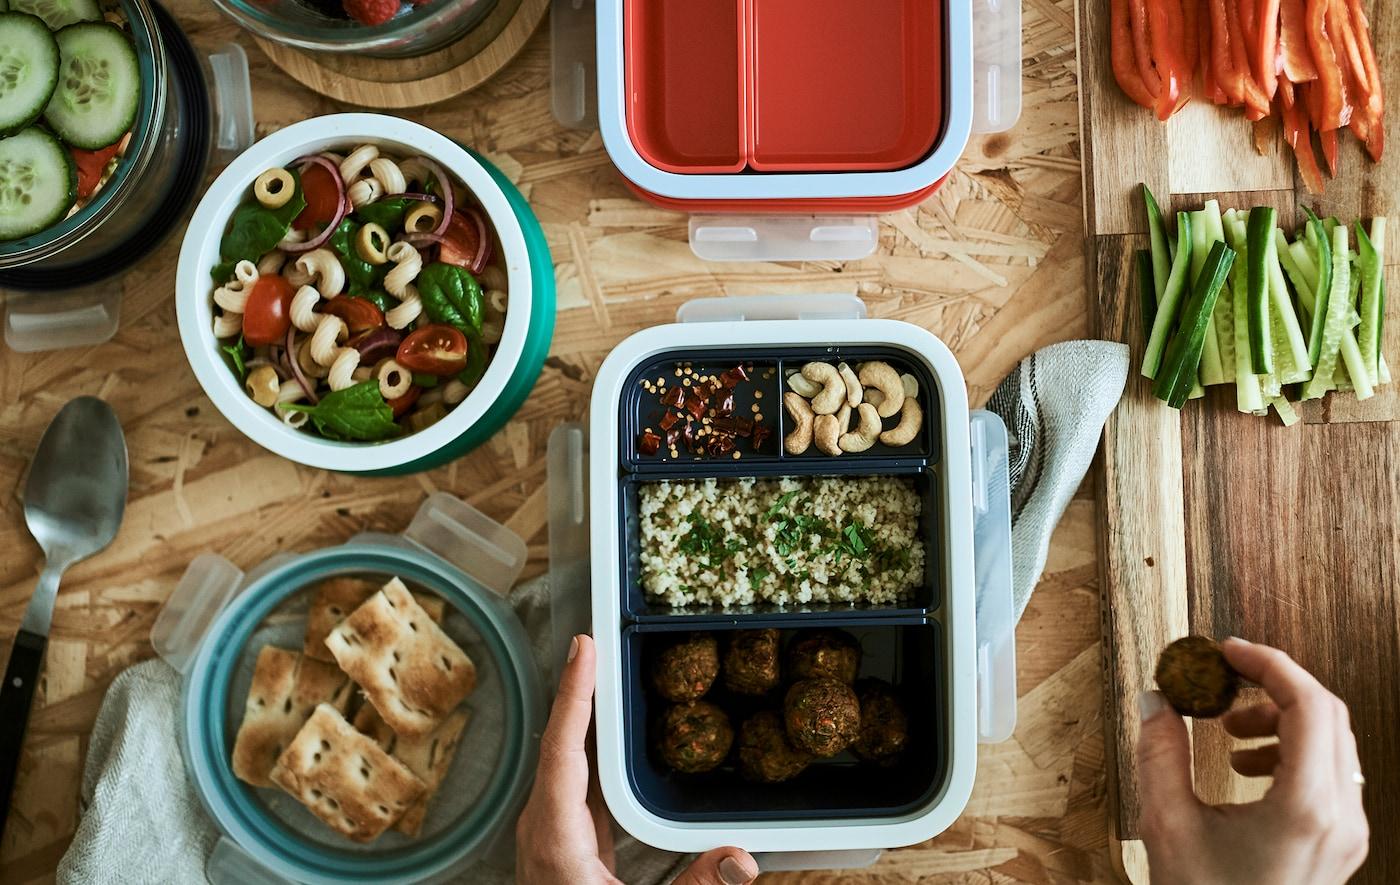 Menjar organitzat en carmanyoles. L'una té compartiments amb diferents tipus d'aliments, i l'altra, rodona i de plàstic, conté una amanida de pasta.